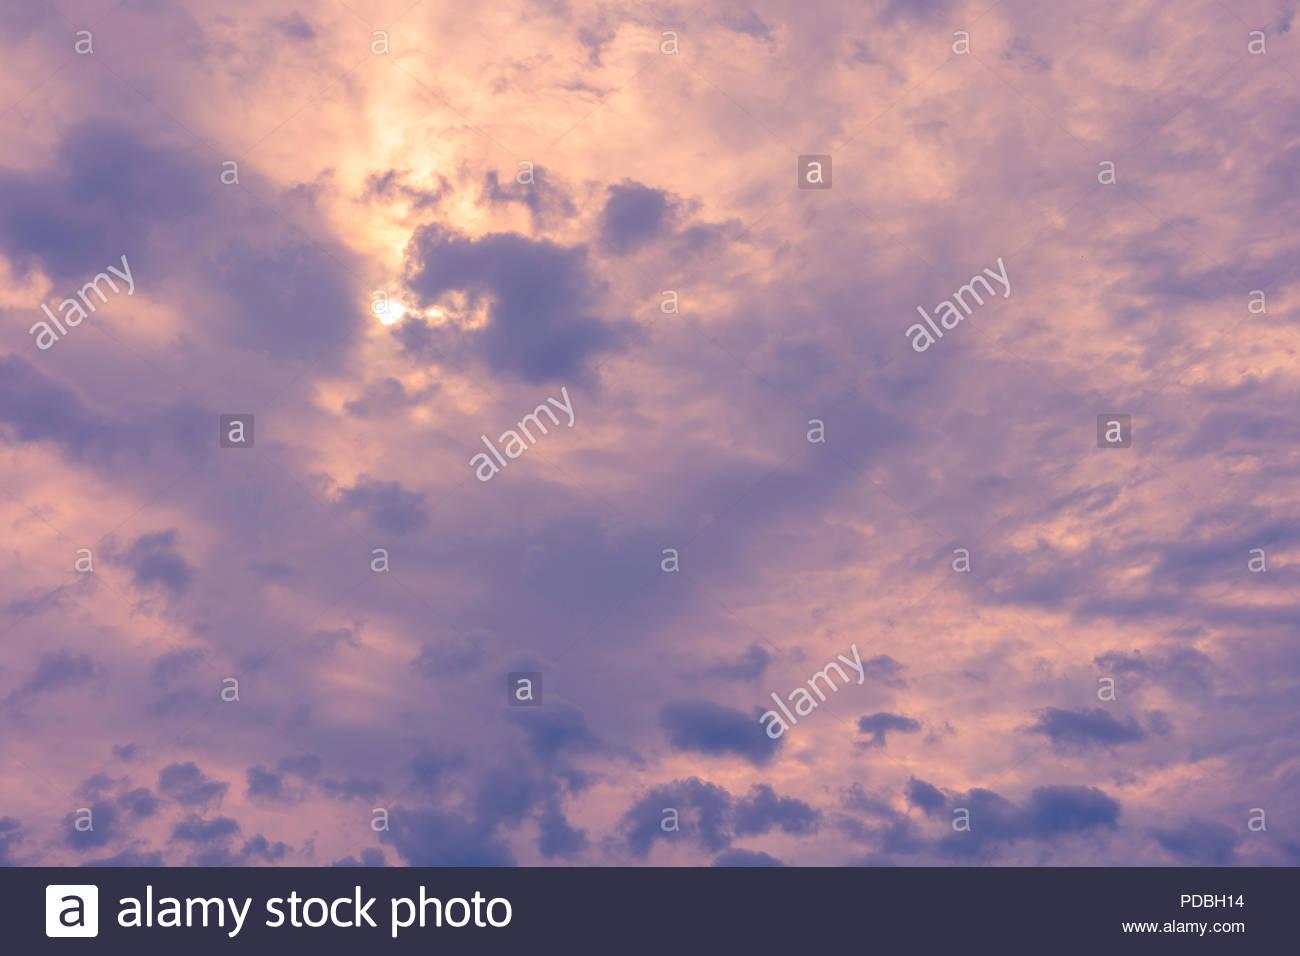 Bedrohlich Morgenhimmel mit nimbostratus und Stratus pannus Fractus Wolken Regen in den forcast Stockbild